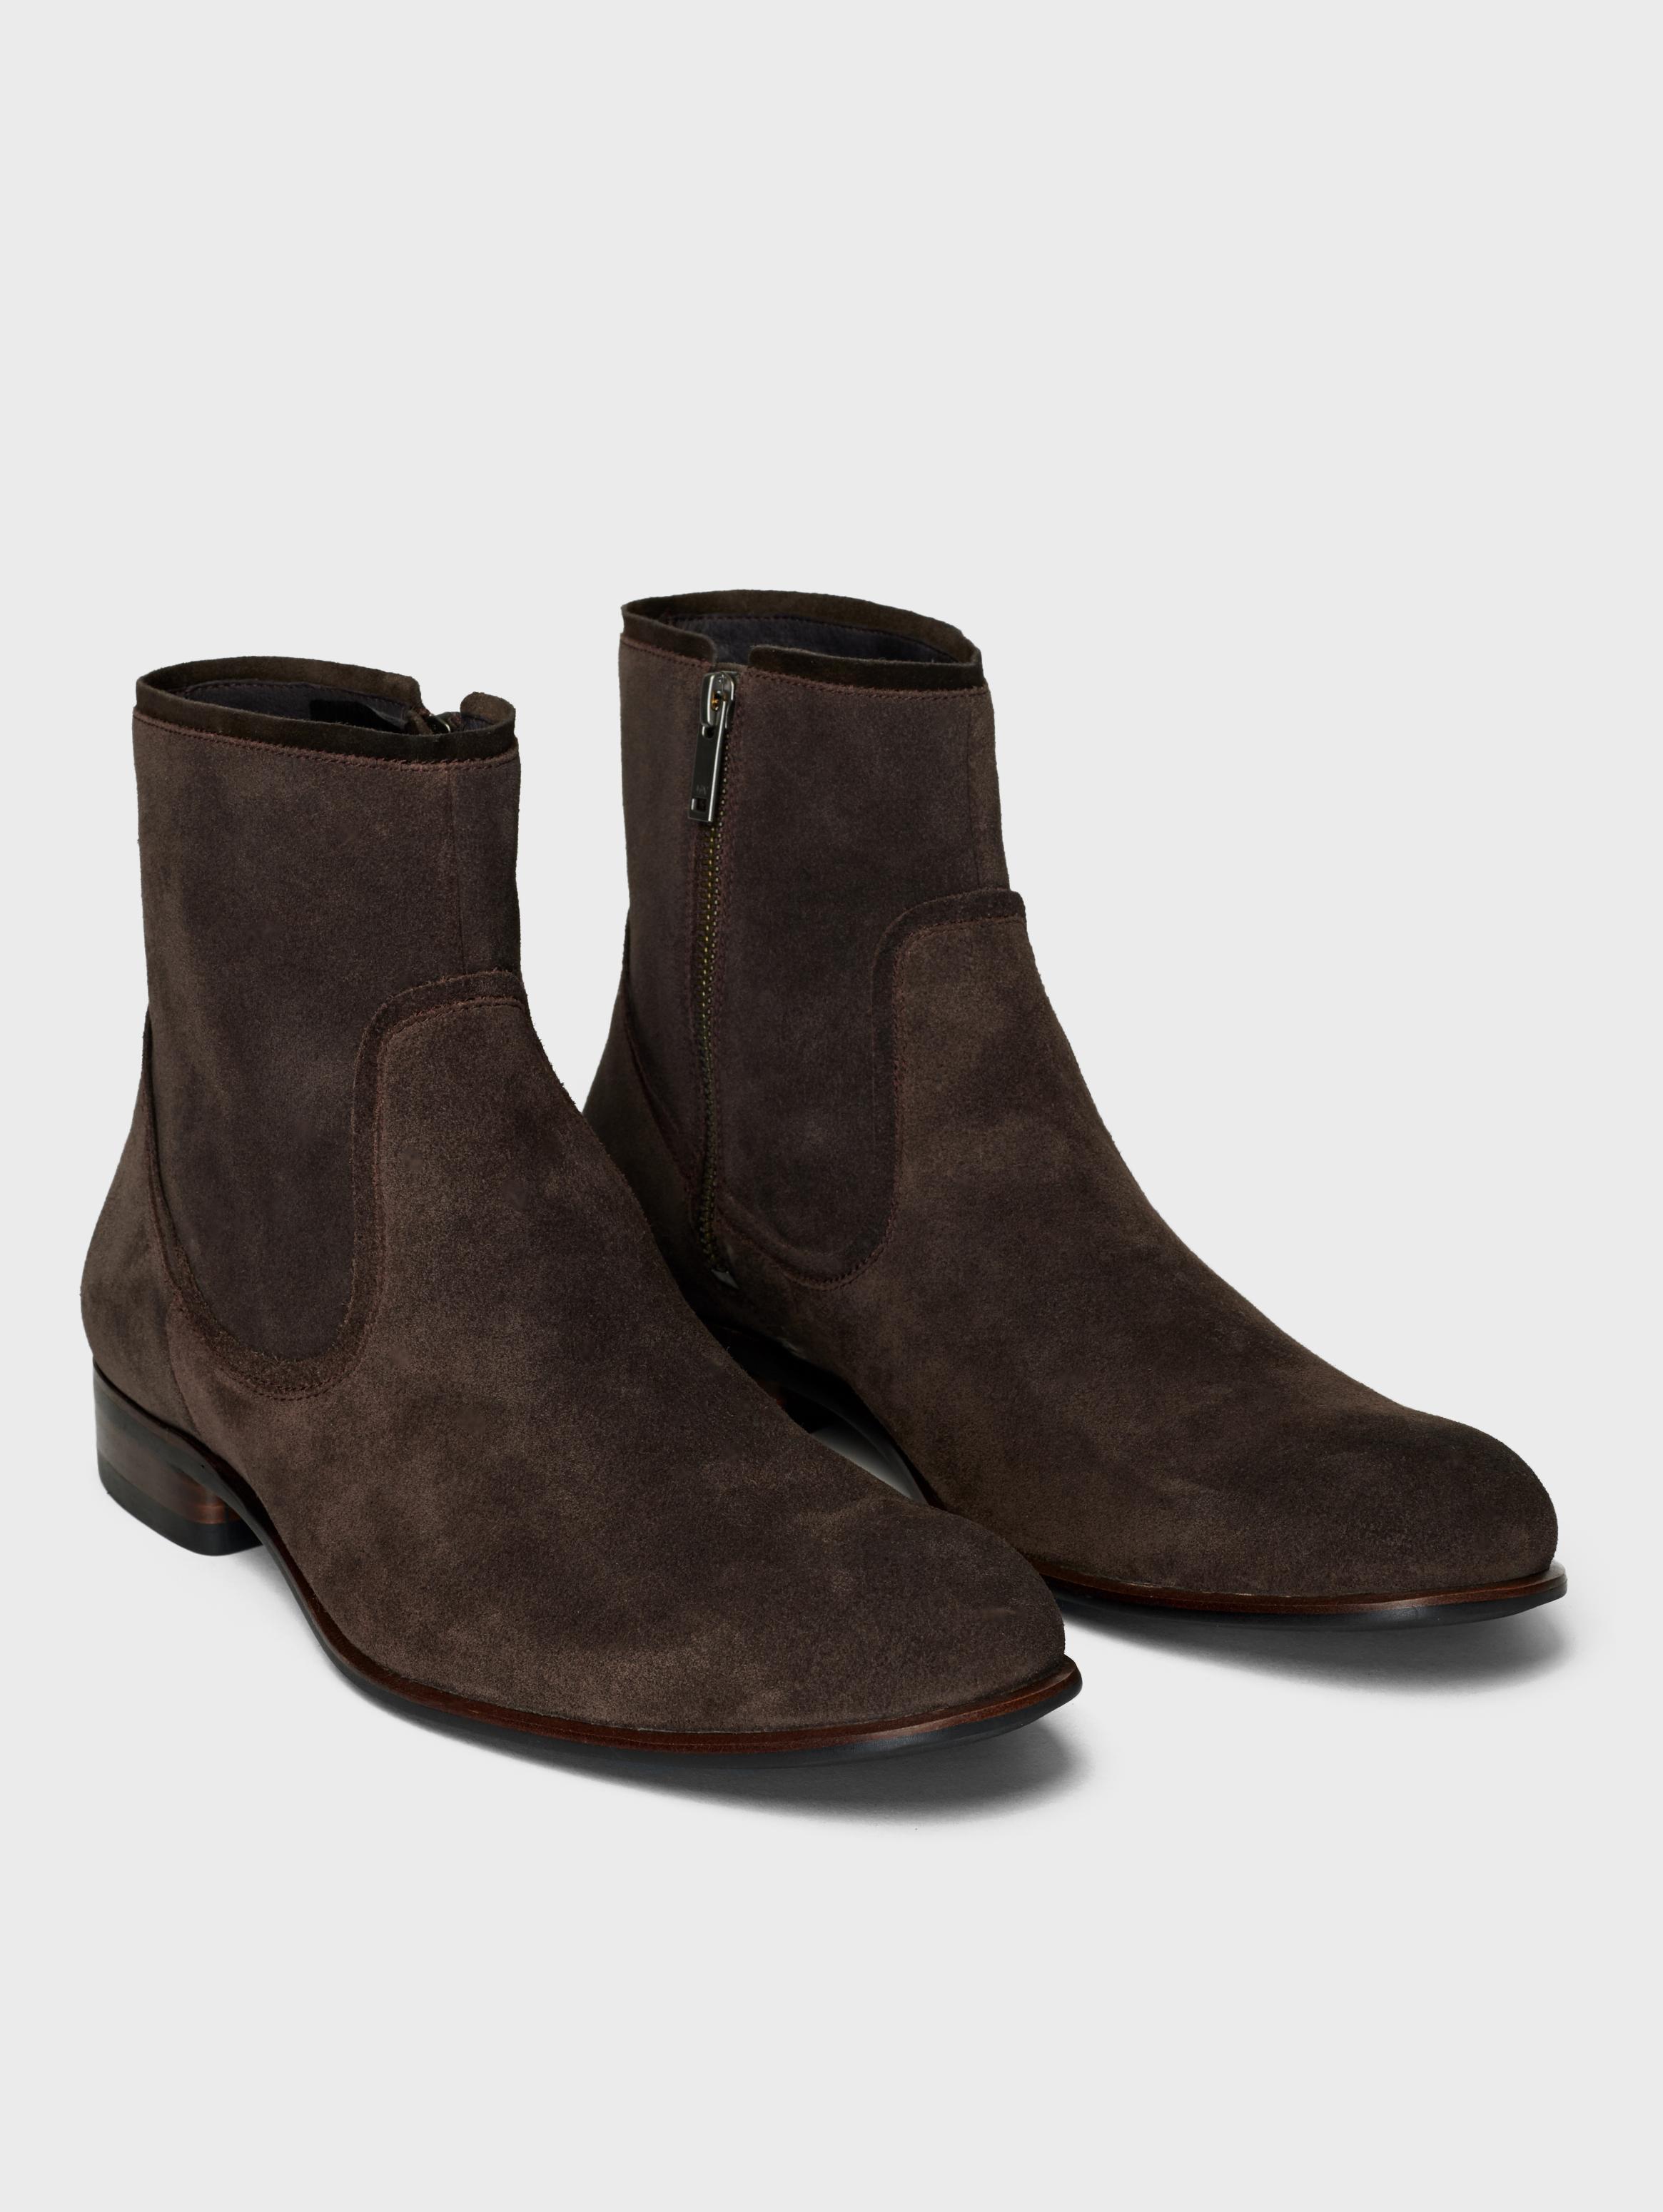 John Varvatos Seagher Zip Boots Chocolate